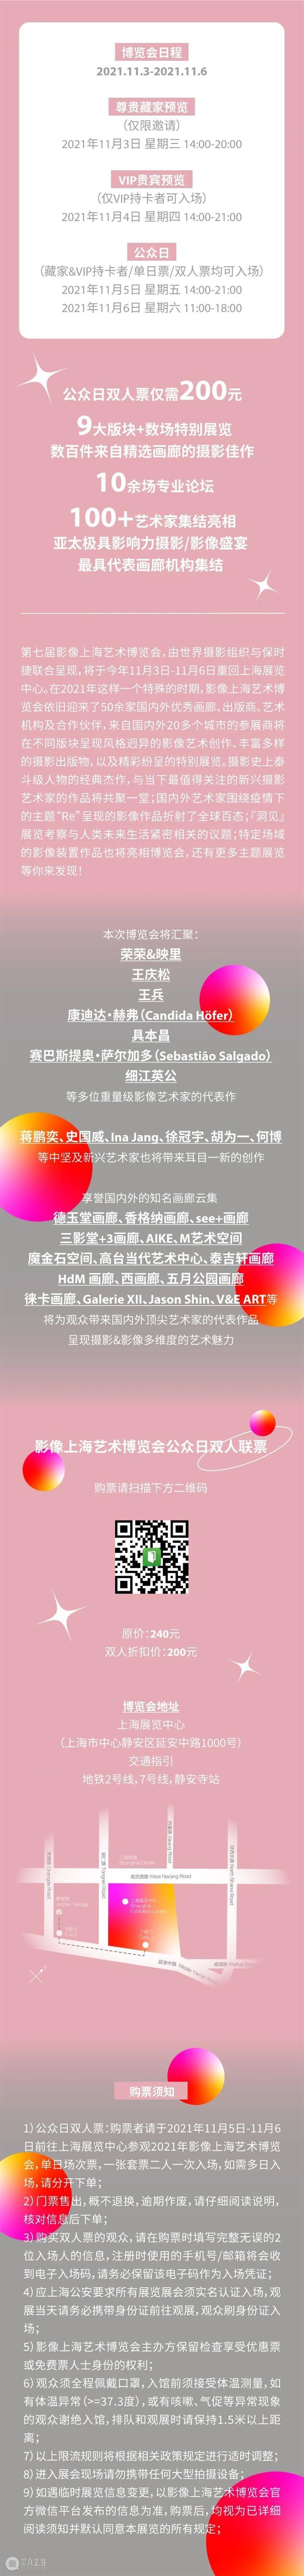 结伴成行,优惠多多~ 优惠 原文 影像 上海艺术博览会双人票 崇真艺客